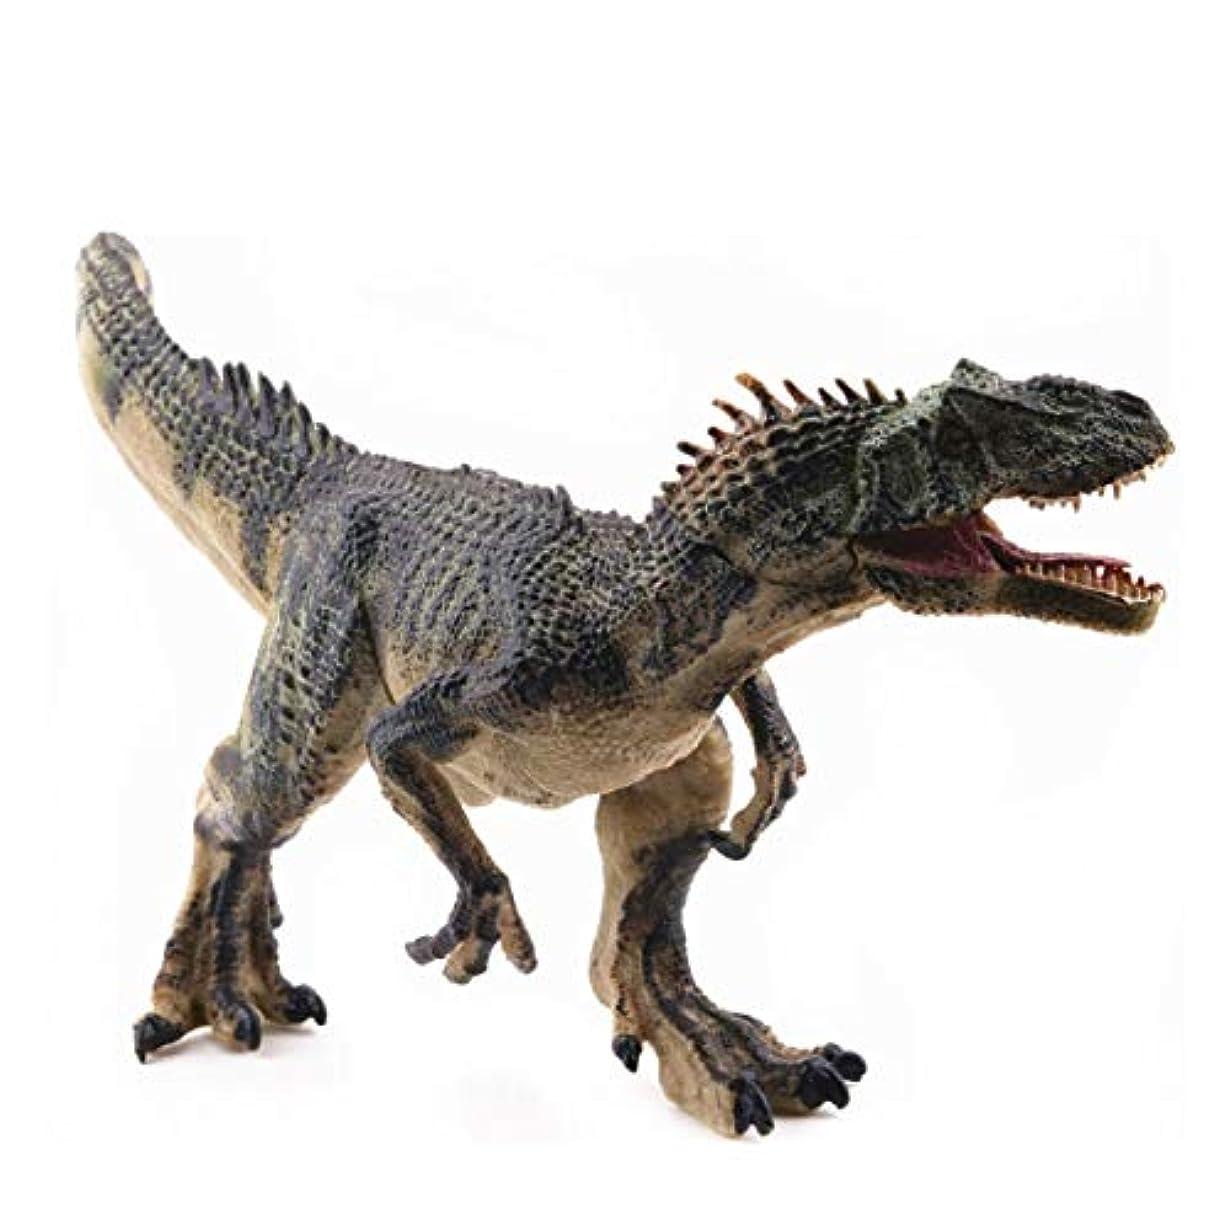 気質リングバックジャムSaikogoods シミュレーションアロサウルスリアルな恐竜の模型玩具置物アクションは 子供のためのホームインテリア教育玩具フィギュア 緑